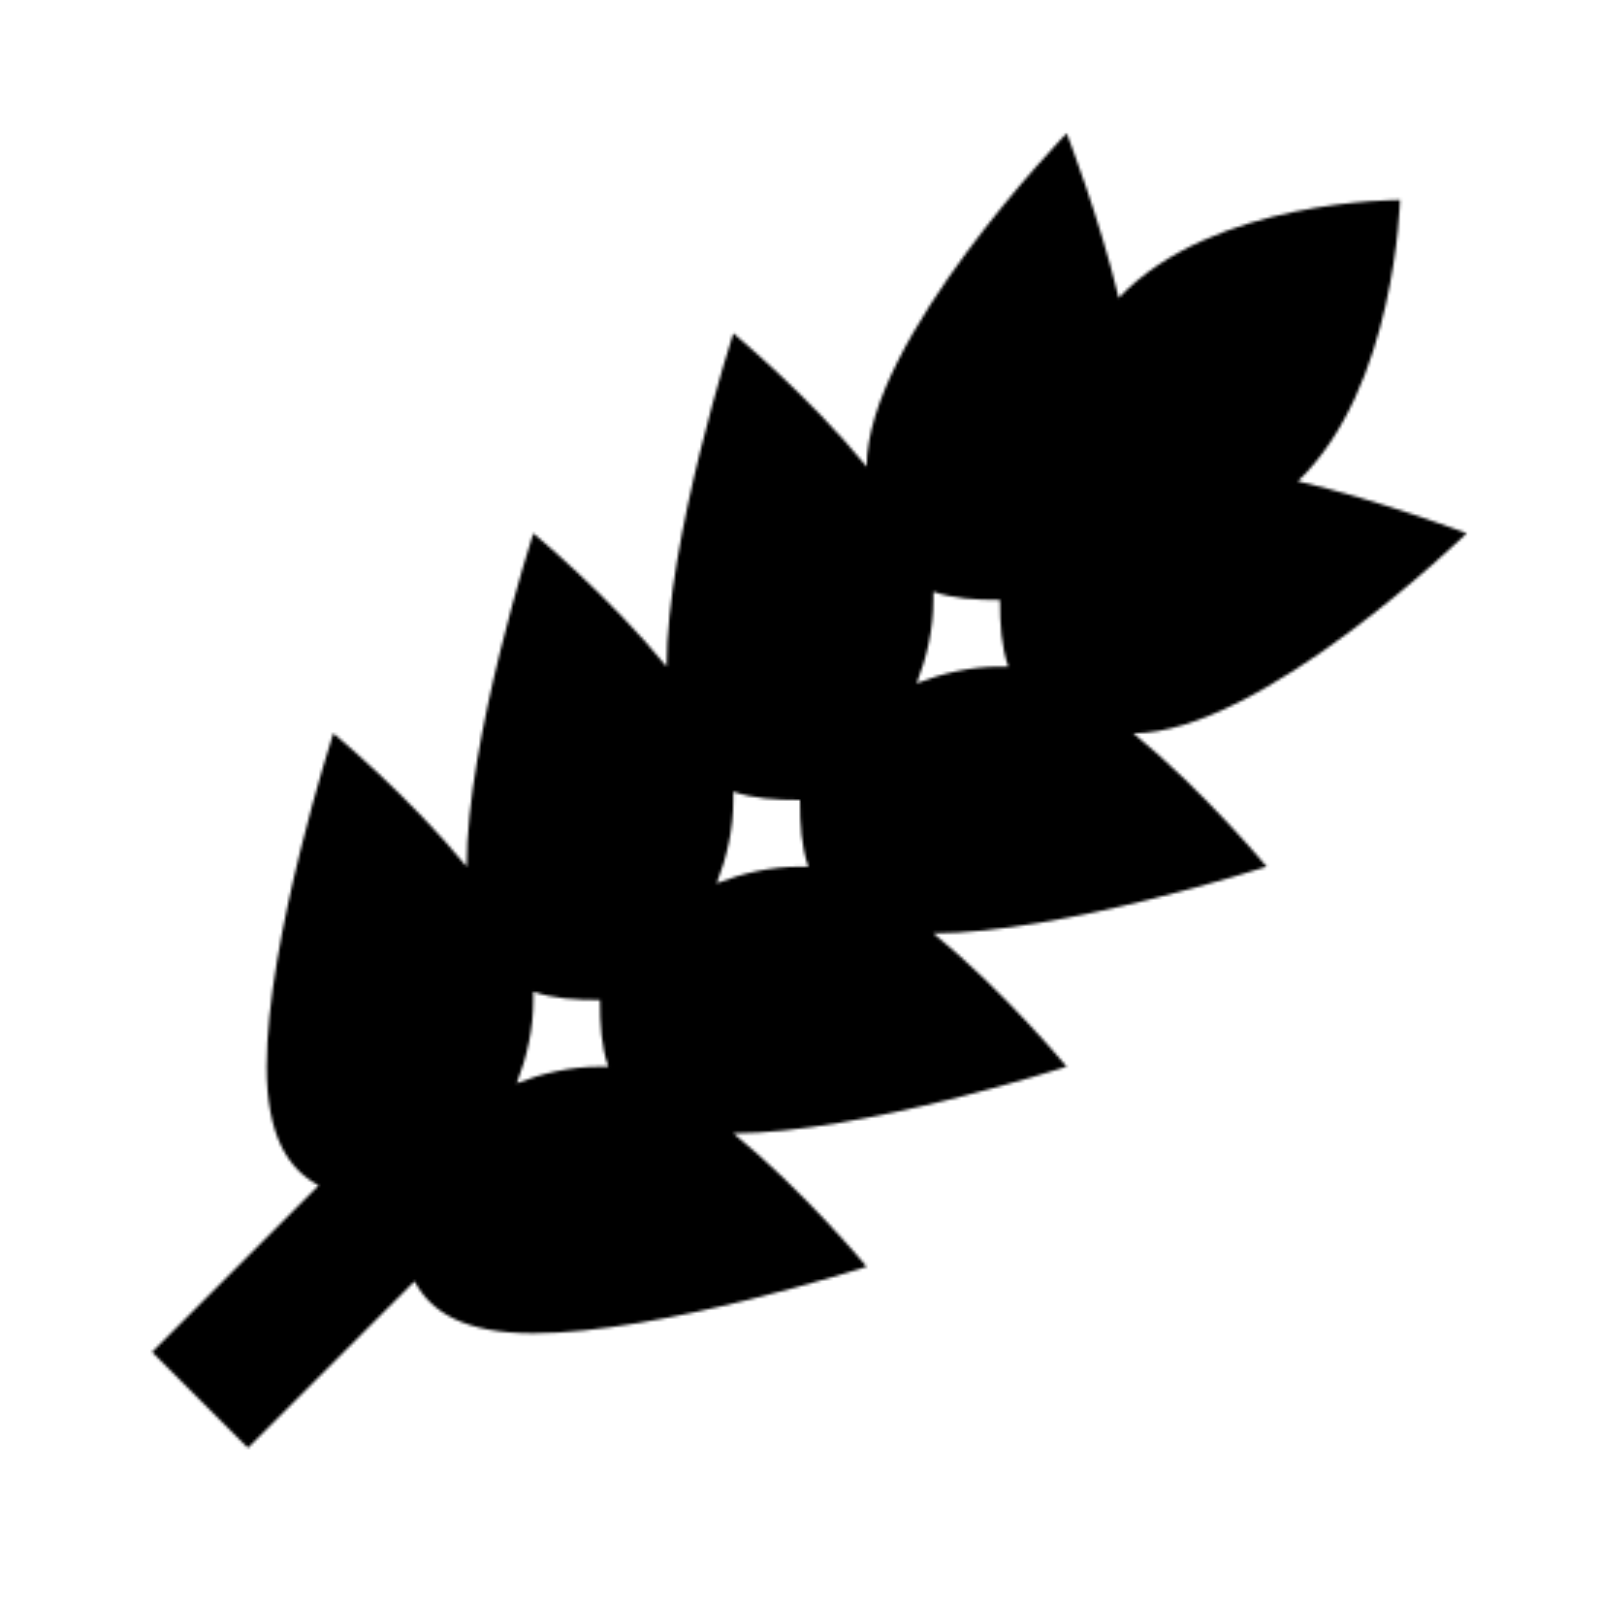 小麦 icon. It's a diagonal line going up from left to right. Starting from a quarter of the way up on the line are attached petals. Each petal is shaped somewhat like a football. there are six pairs of these petals and a final petal at the top of the line